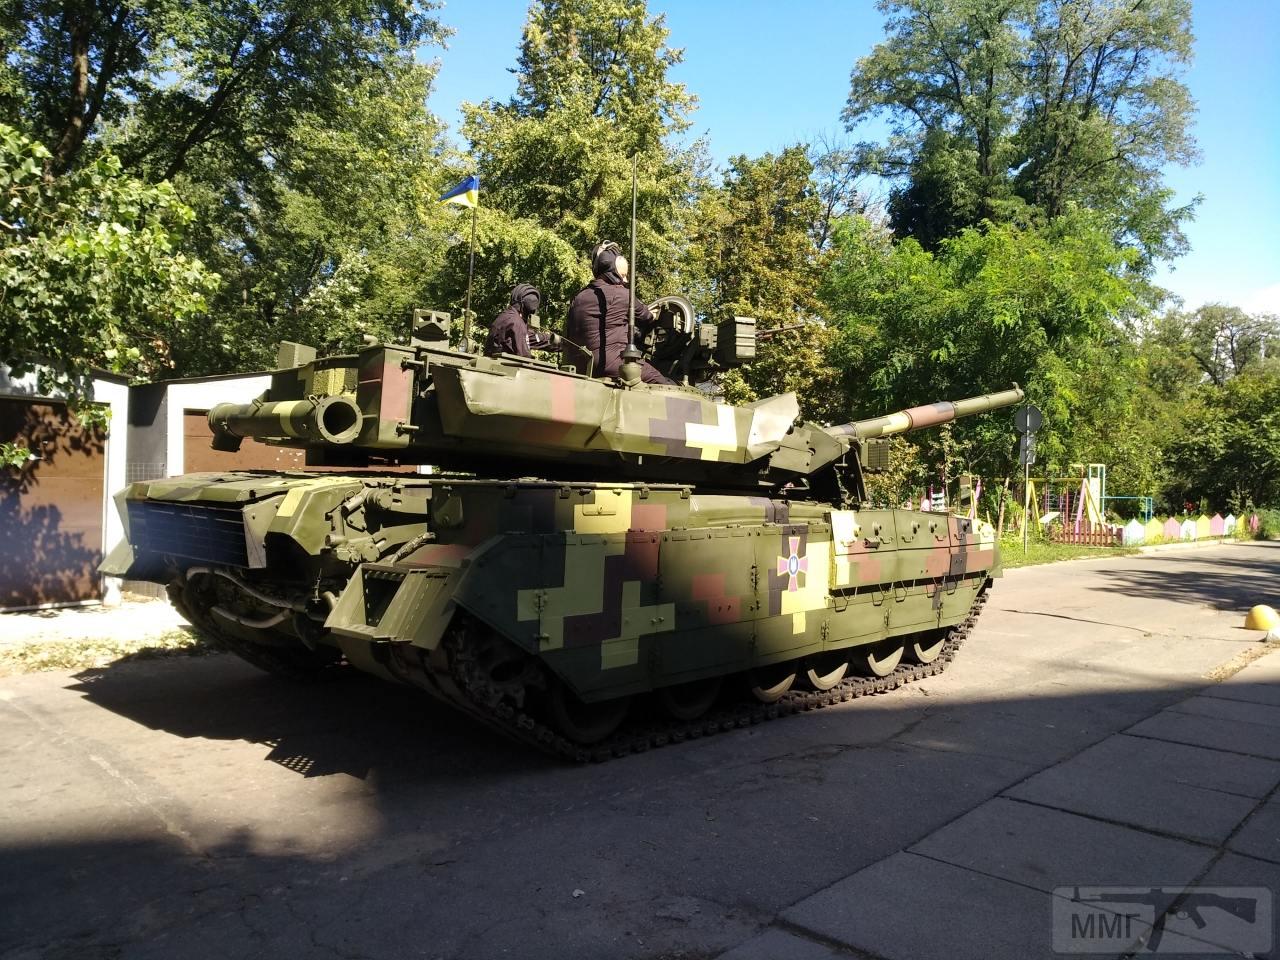 33729 - Реалії ЗС України: позитивні та негативні нюанси.